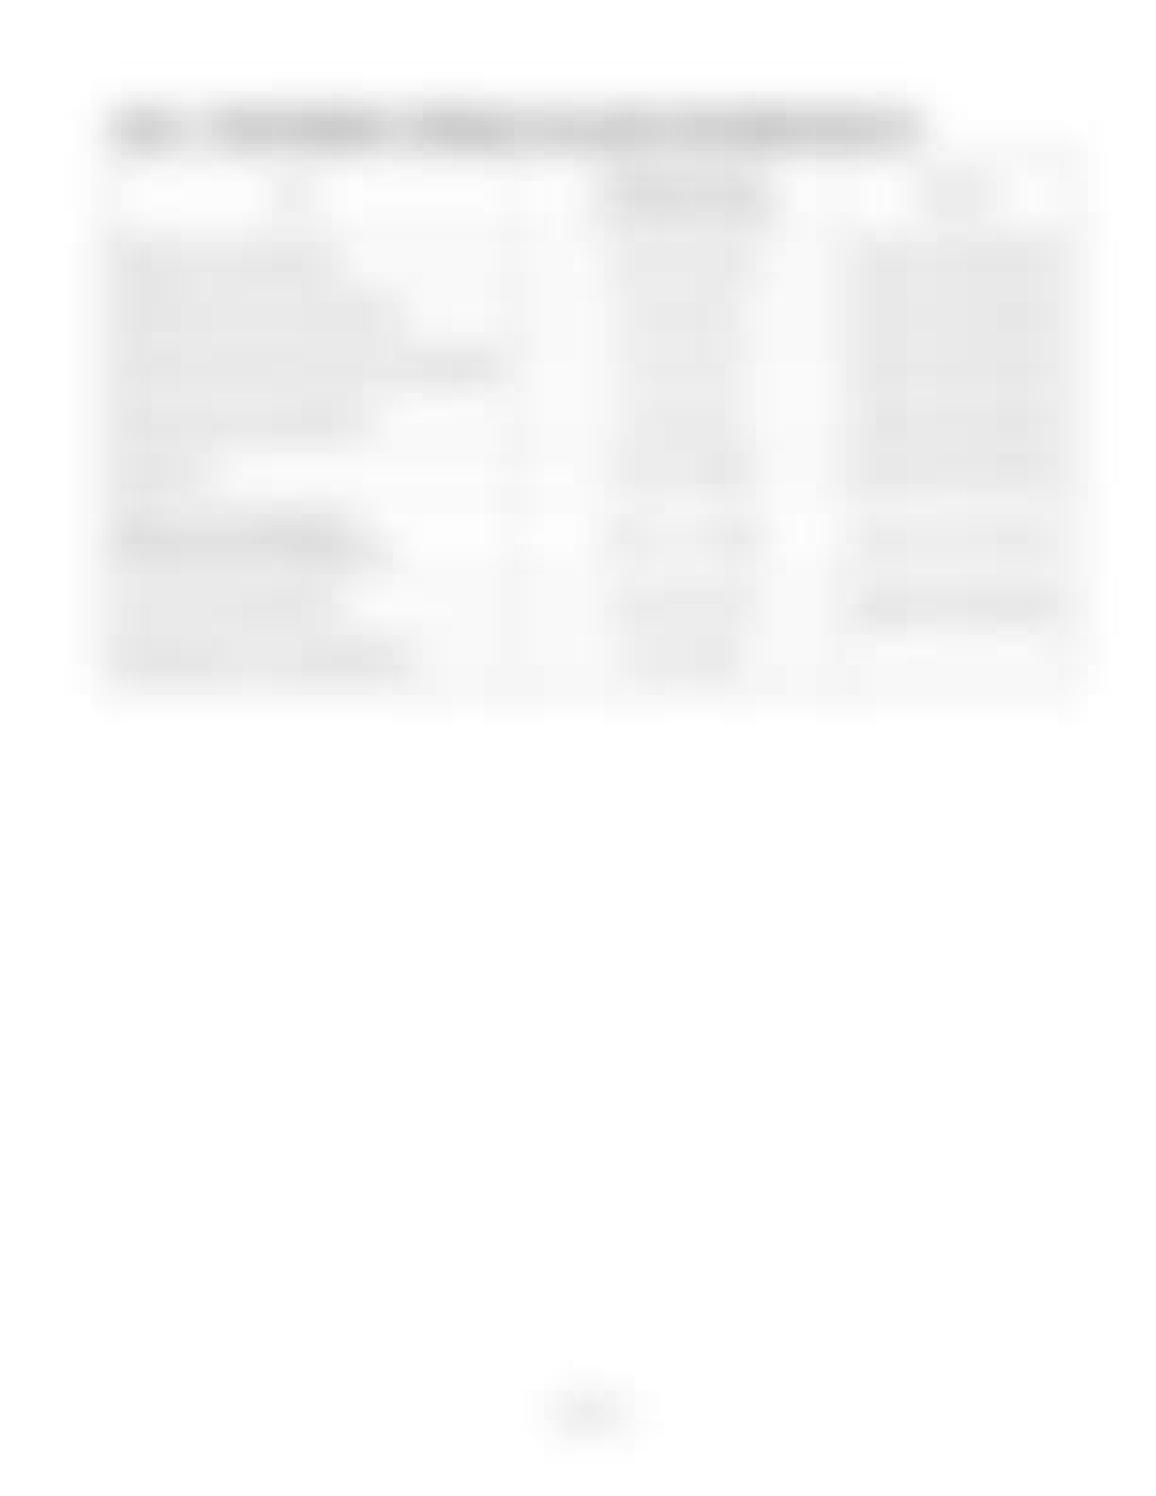 Hitachi LX110-7 LX130-7 LX160-7 LX190-7 LX230-7 Wheel Loader Workshop Manual - PDF DOWNLOAD page 219